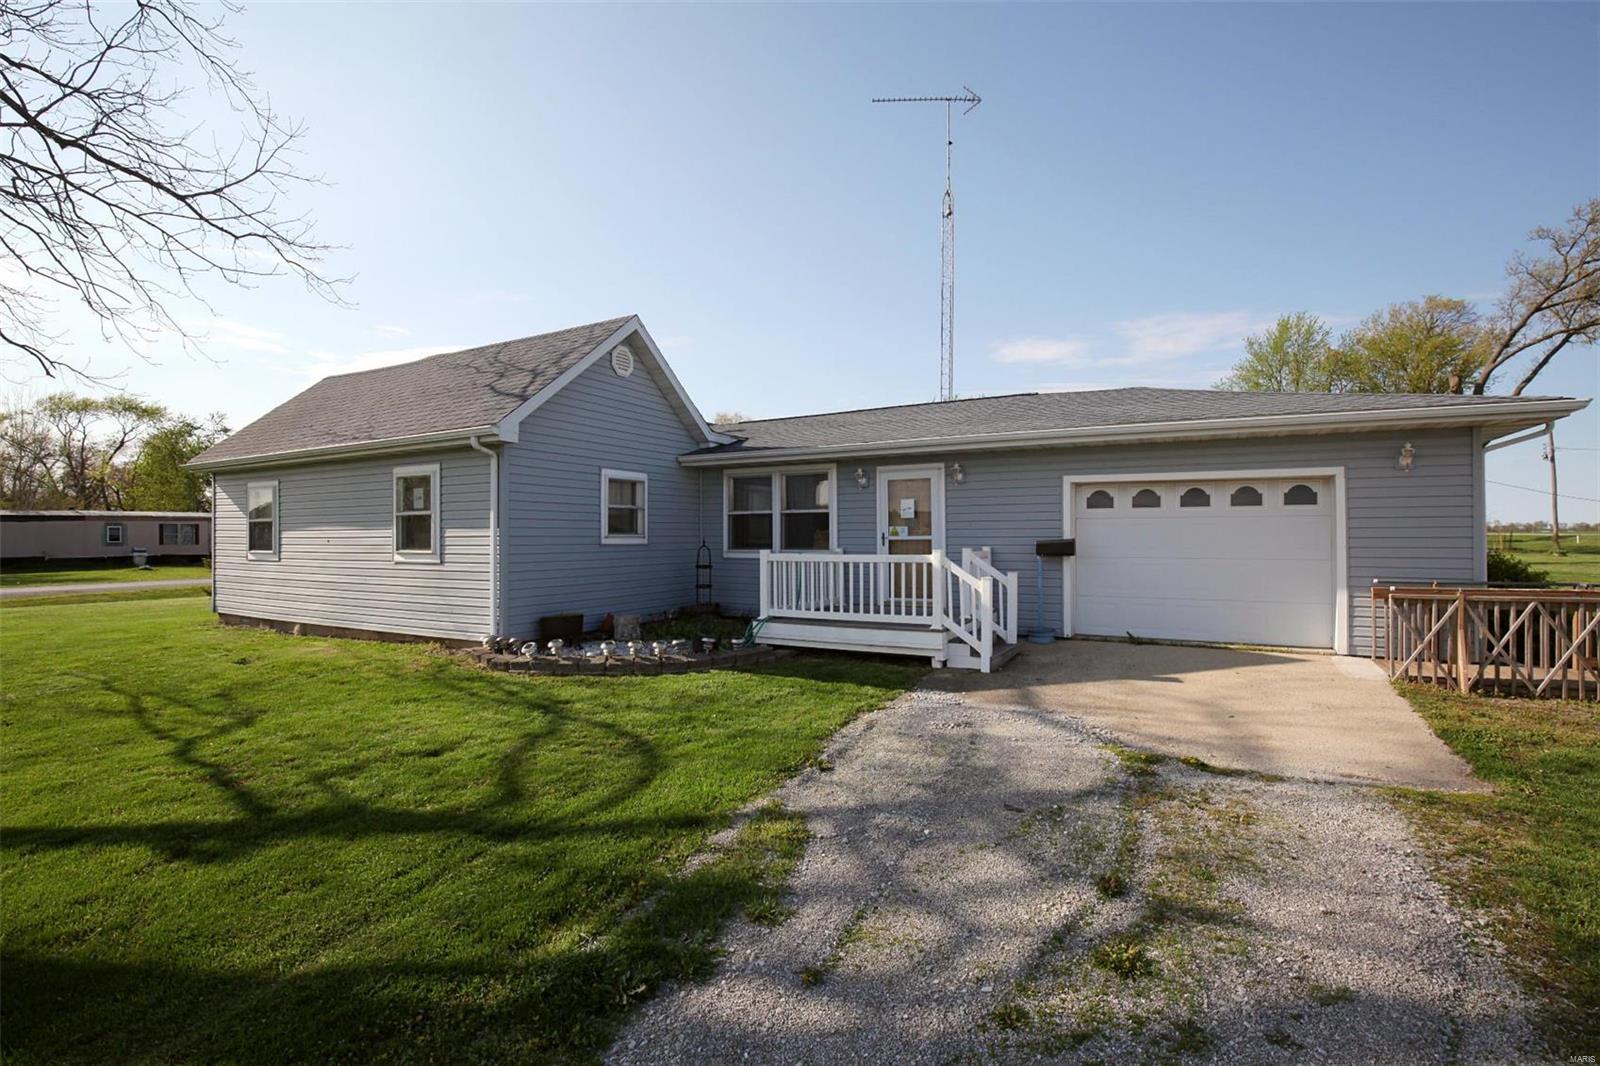 897 E 900 Avenue Property Photo - Shobonier, IL real estate listing